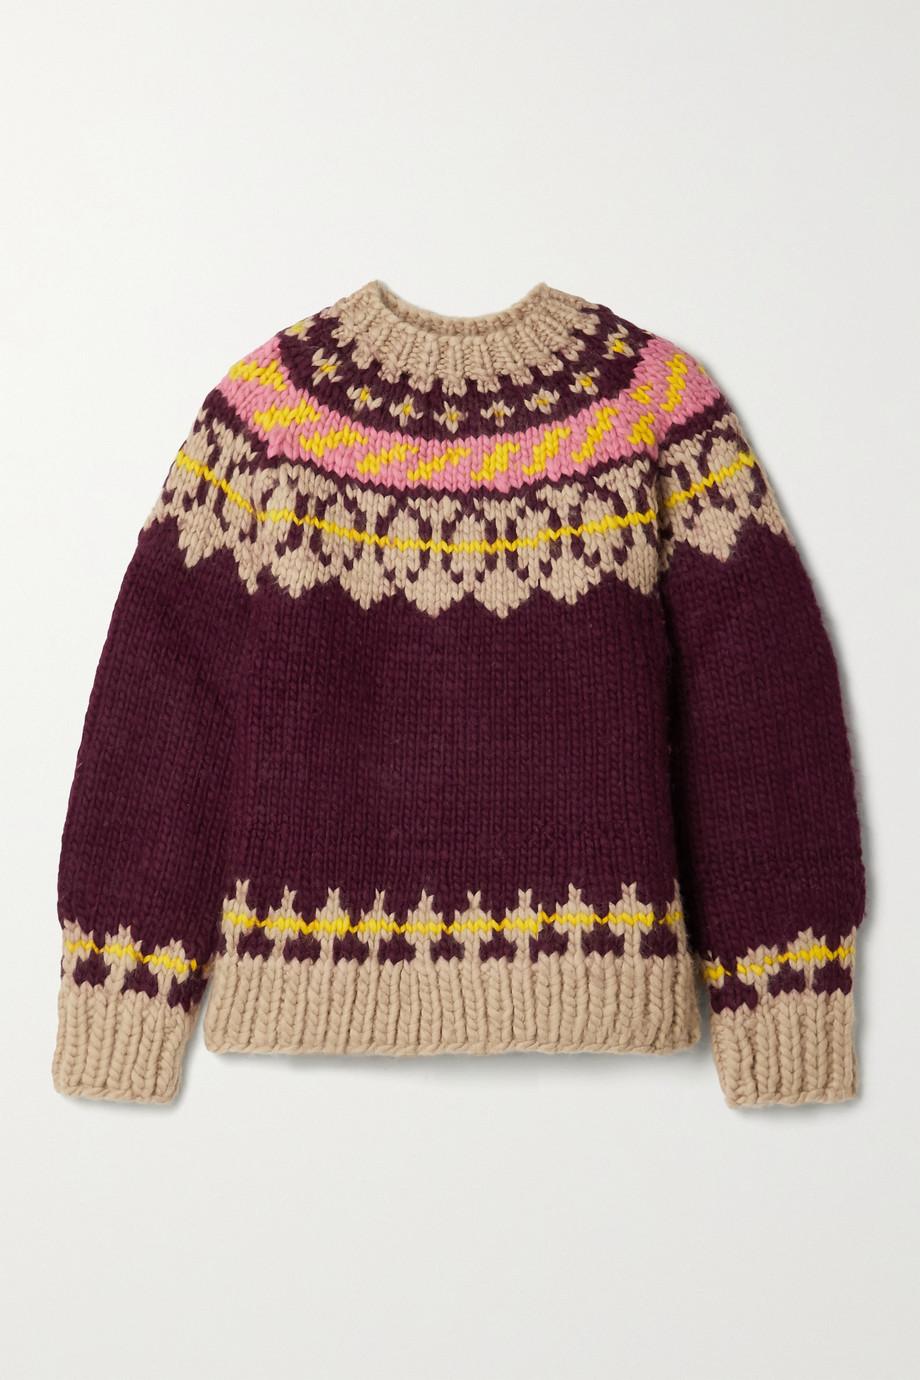 Tory Burch 费尔岛式杂色图案羊毛毛衣